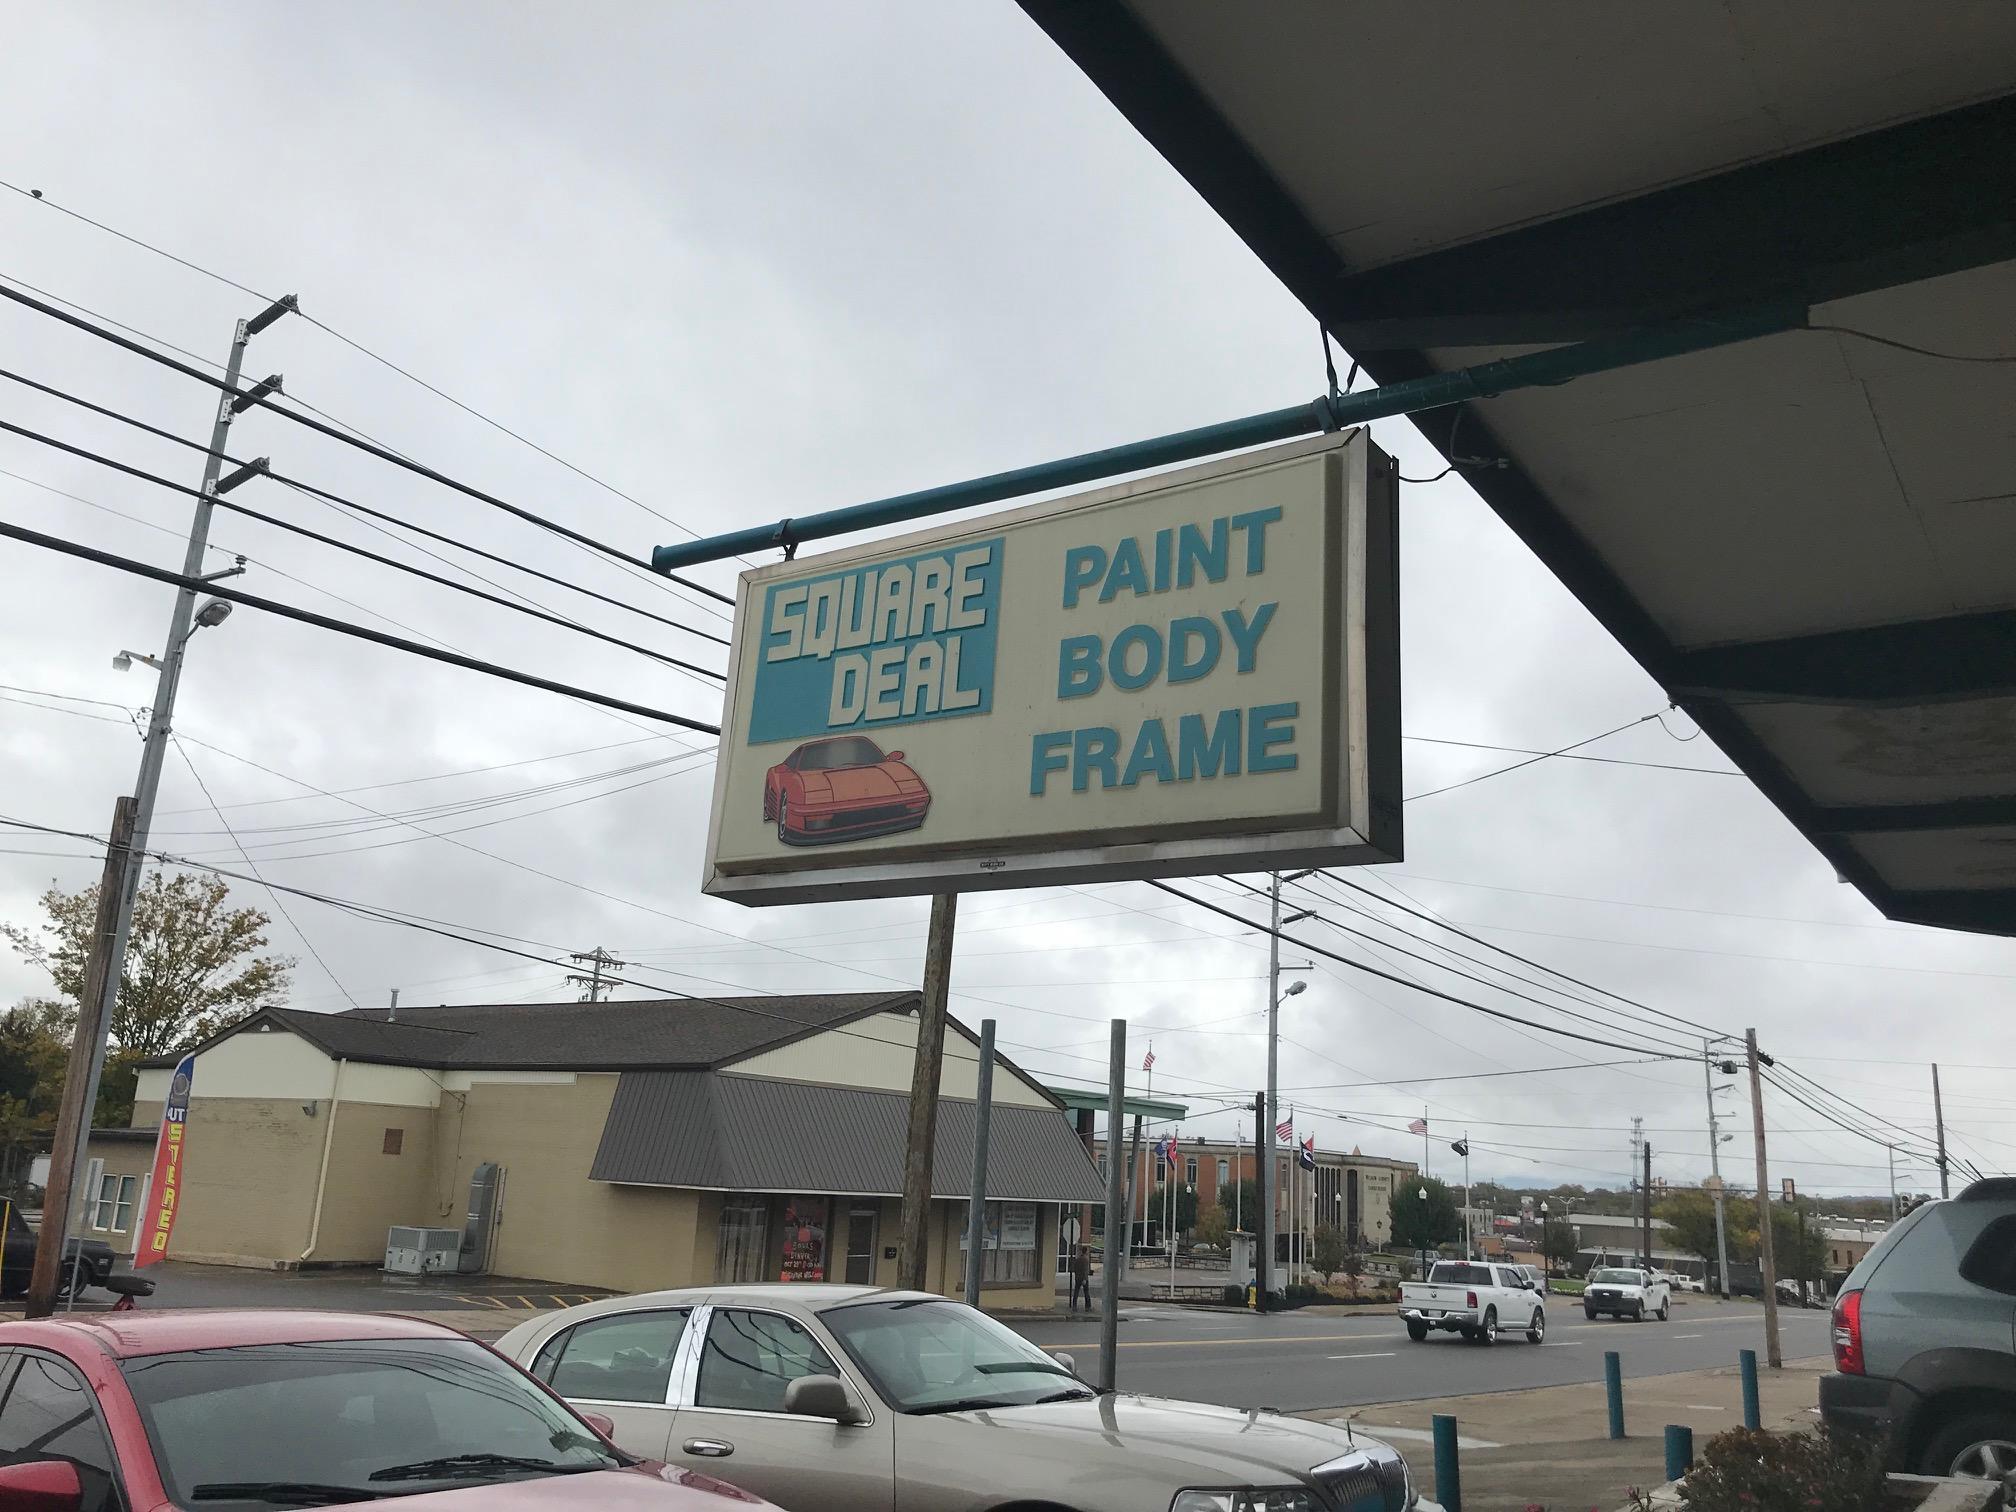 Square Deal Paint & Body Shop image 2